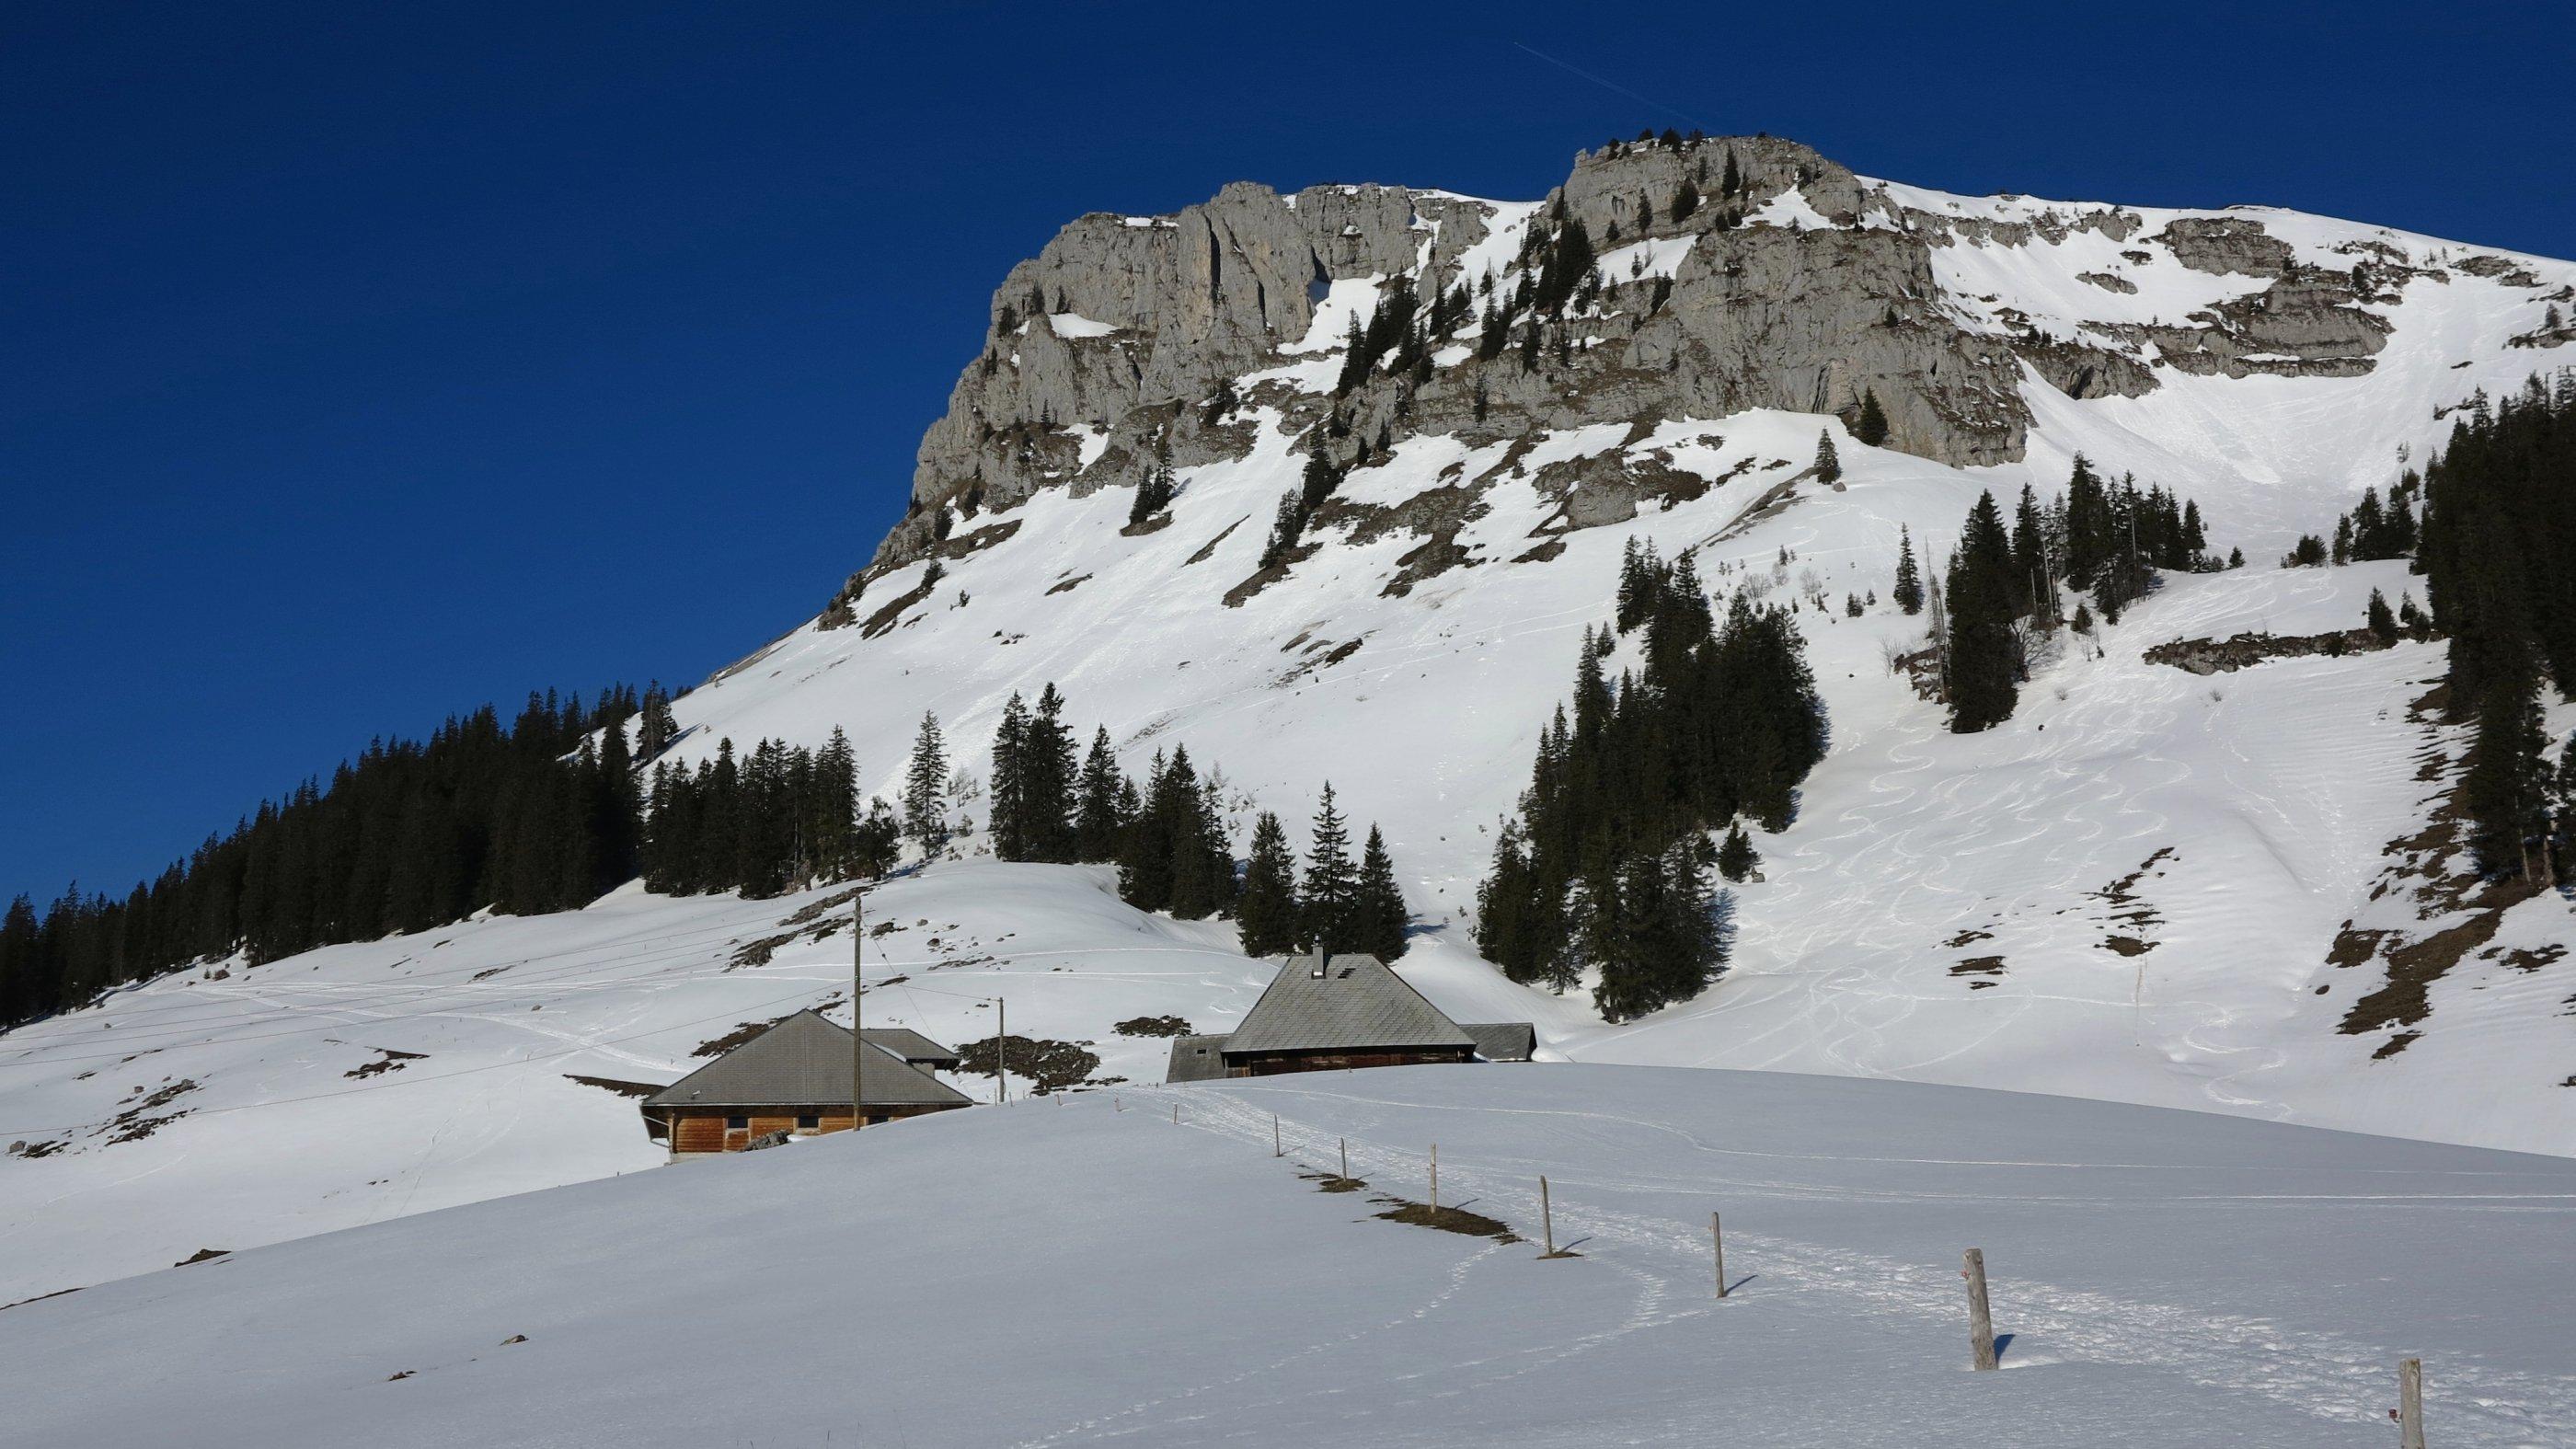 Den Böli – hier von der Alp Oberwisstanne aus fotografiert – umgeht man in der sonnigen Südflanke. Am rechten Bildrand sieht man die im Beitrag beschriebene Abfahrtsvariante ab Ober Ruchweid.